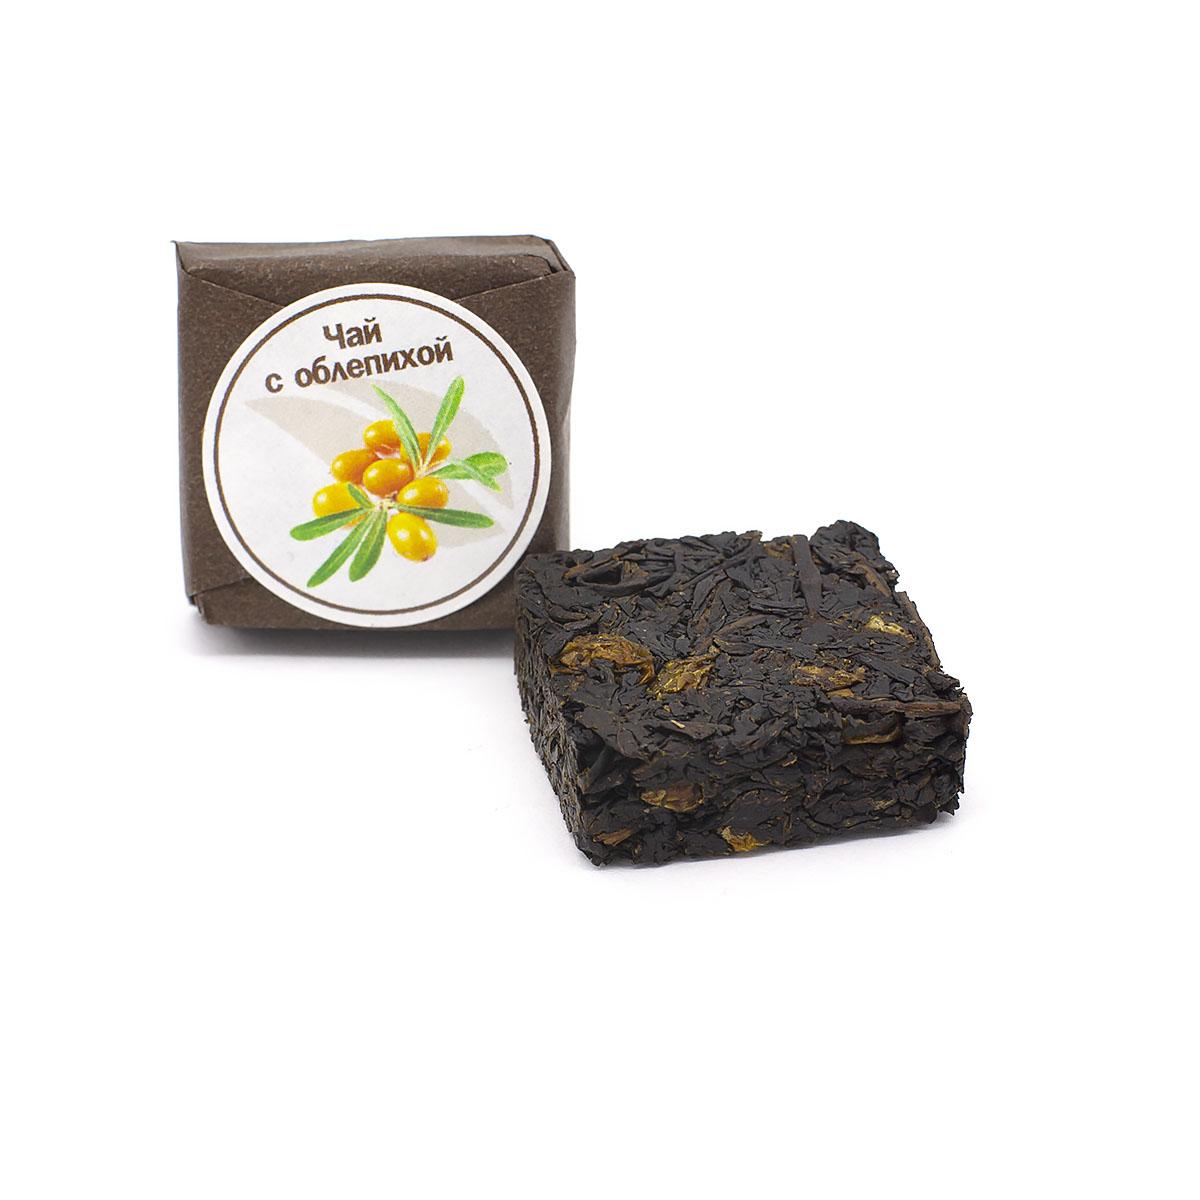 Чай с облепихой прессованный, кубик 5-7 г чай черный байховый бонтон крепкий цейлонский крупнолистовой 726 с ароматом бергамота 100 г